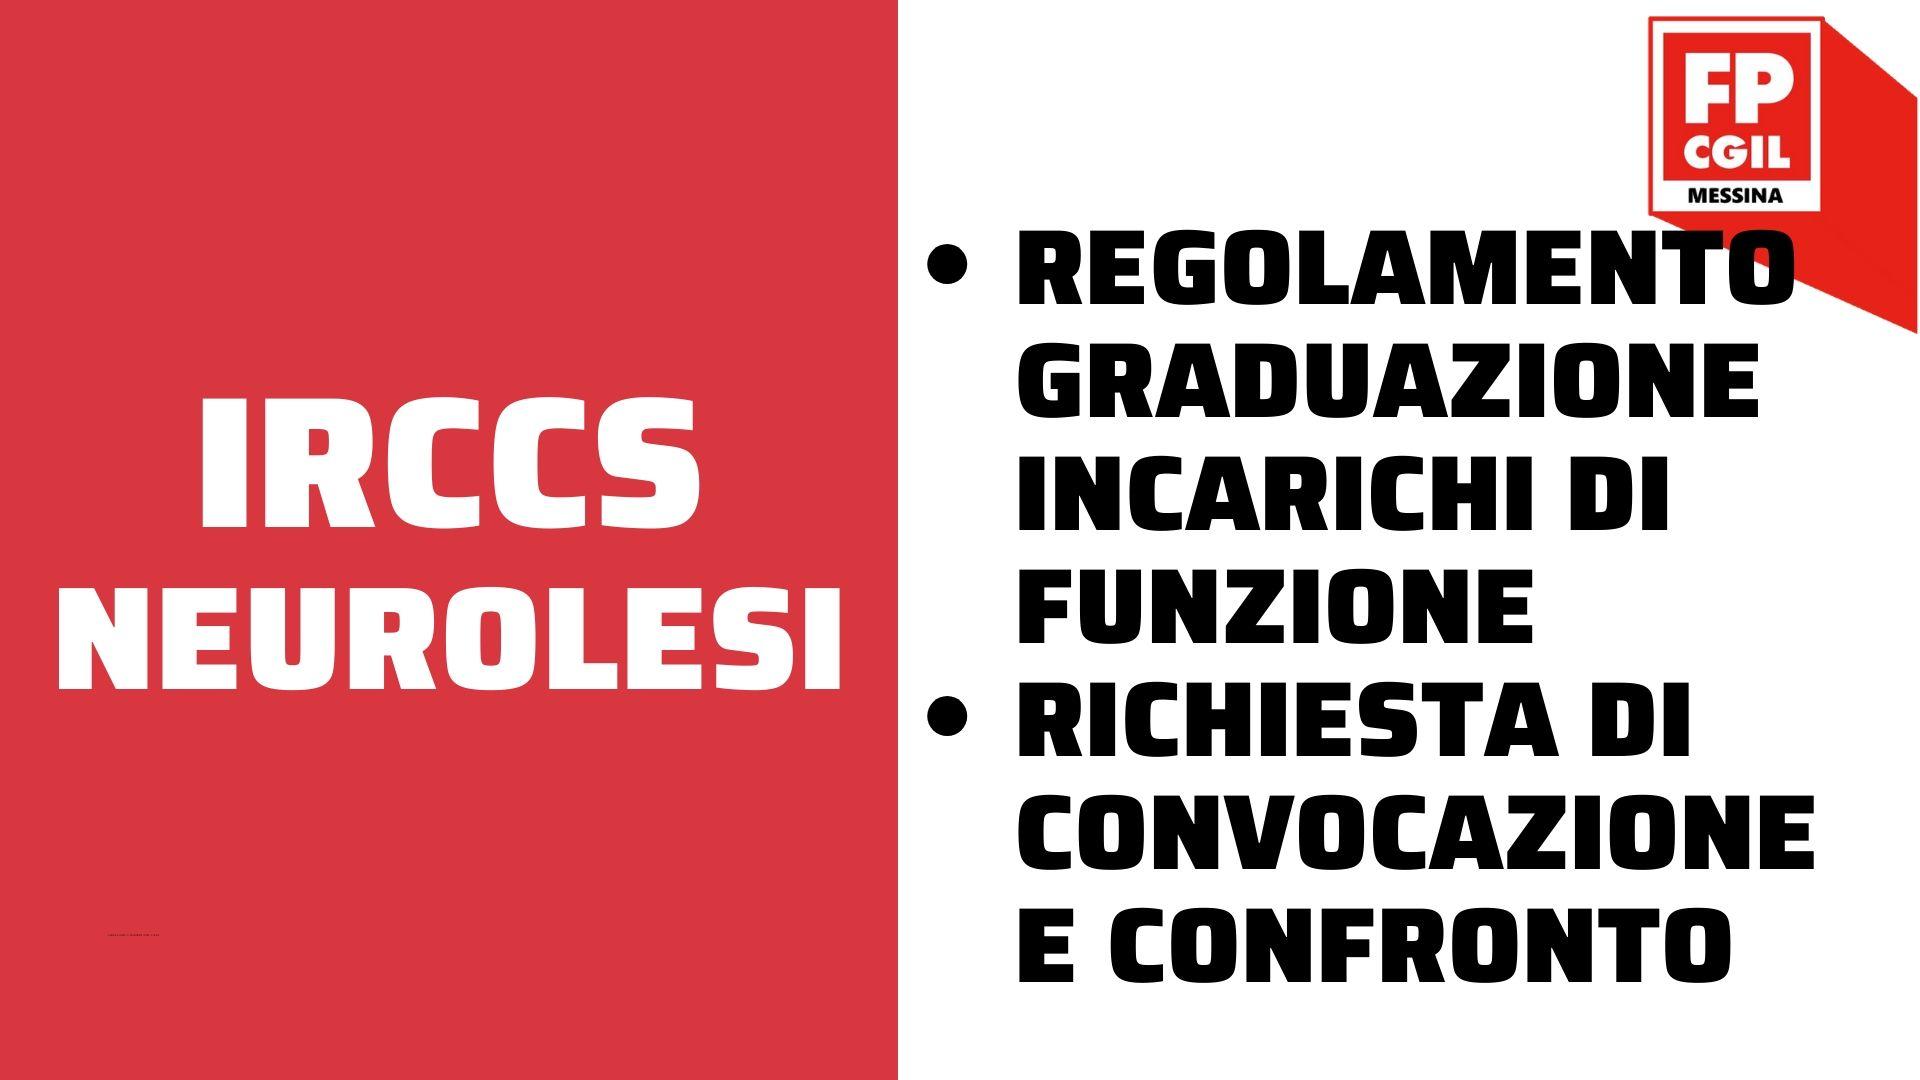 IRCCS Neurolesi – regolamento graduazione incarichi di funzione e richiesta di convocazione e confronto